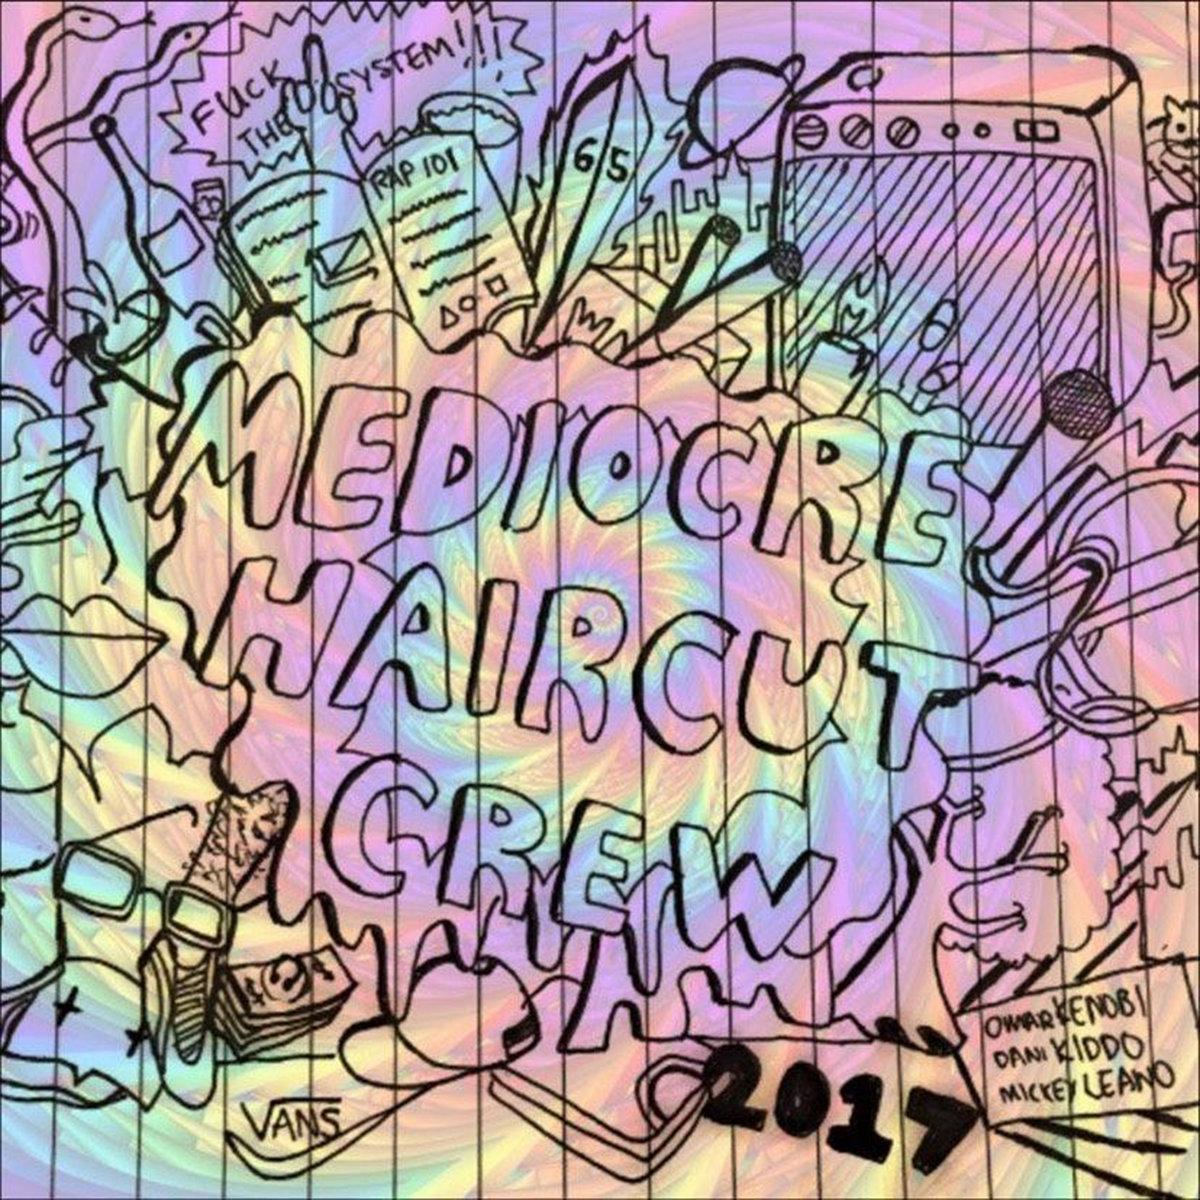 Mediocre Haircut Crew - MHC Mixtape